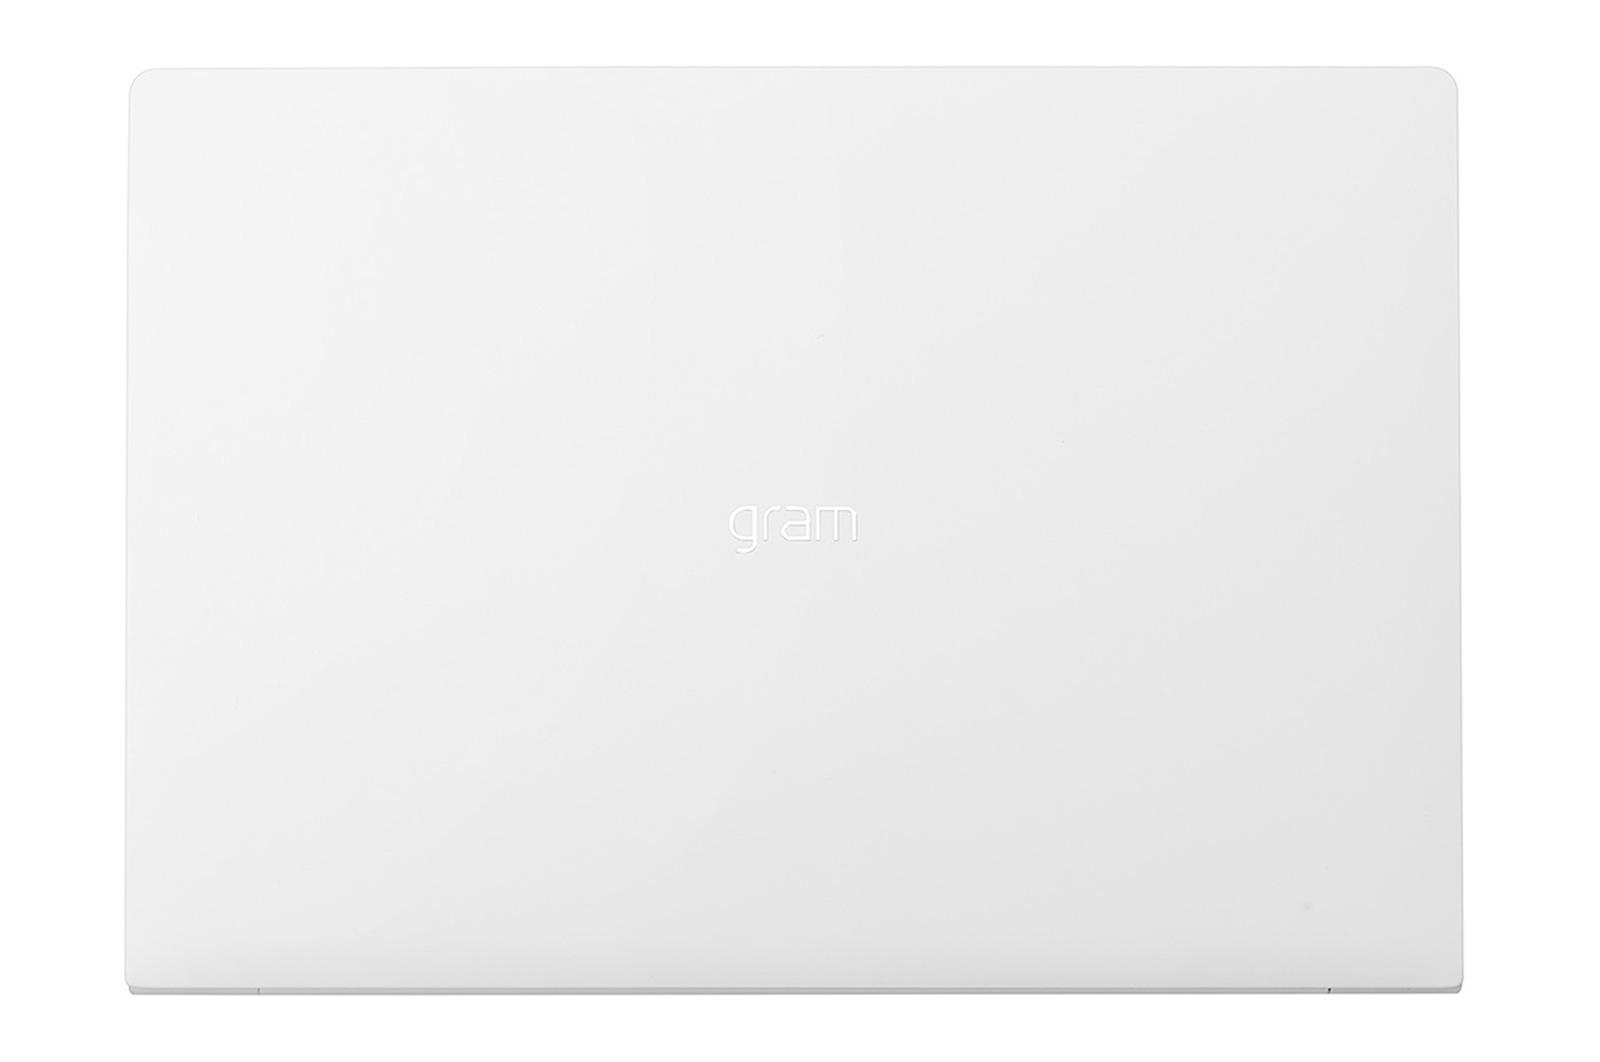 【5台限定!】17.0インチアプライド限定モデル Windows 10 Home 64bit/インテルCore i7/1340g/最大22時間駆動 /Thunderbolt 3 17Z990-VA75J